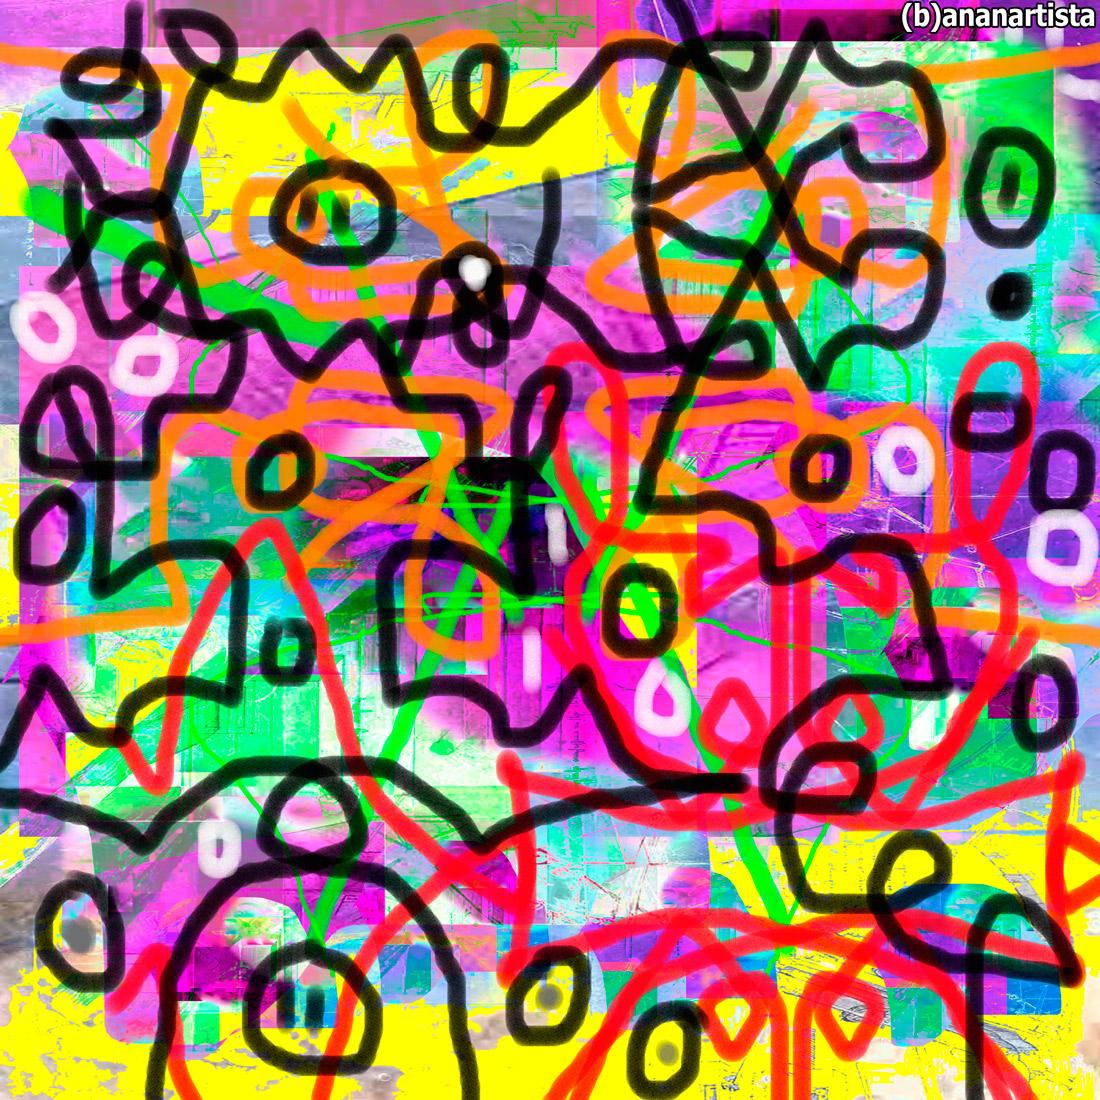 il mio codice atlantico di leonardo da vinci : arte astratta di (b)ananartista sbuffuff